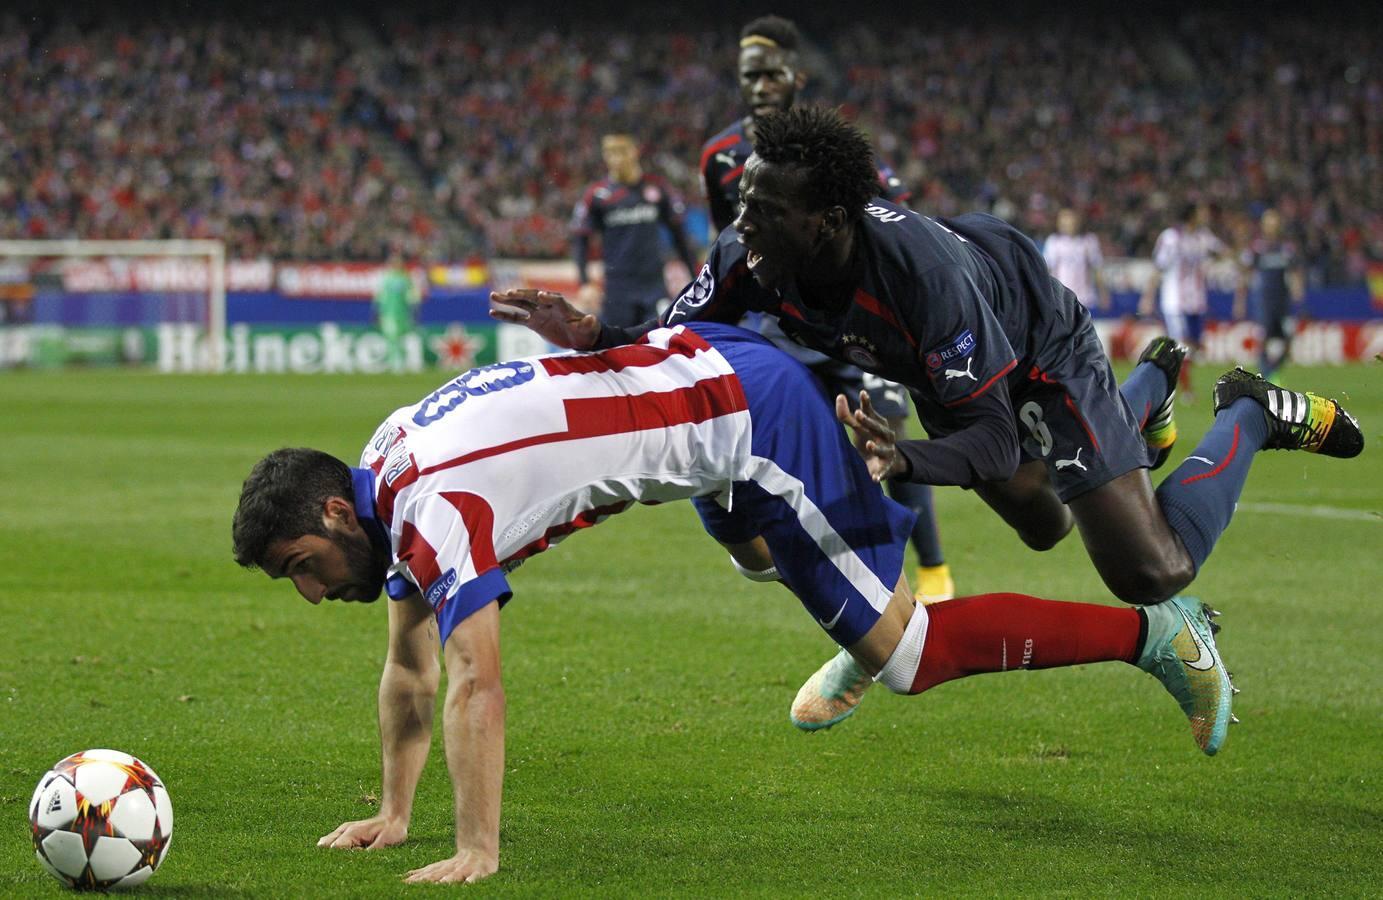 Las mejores imágenes del Atlético-Olympiacos